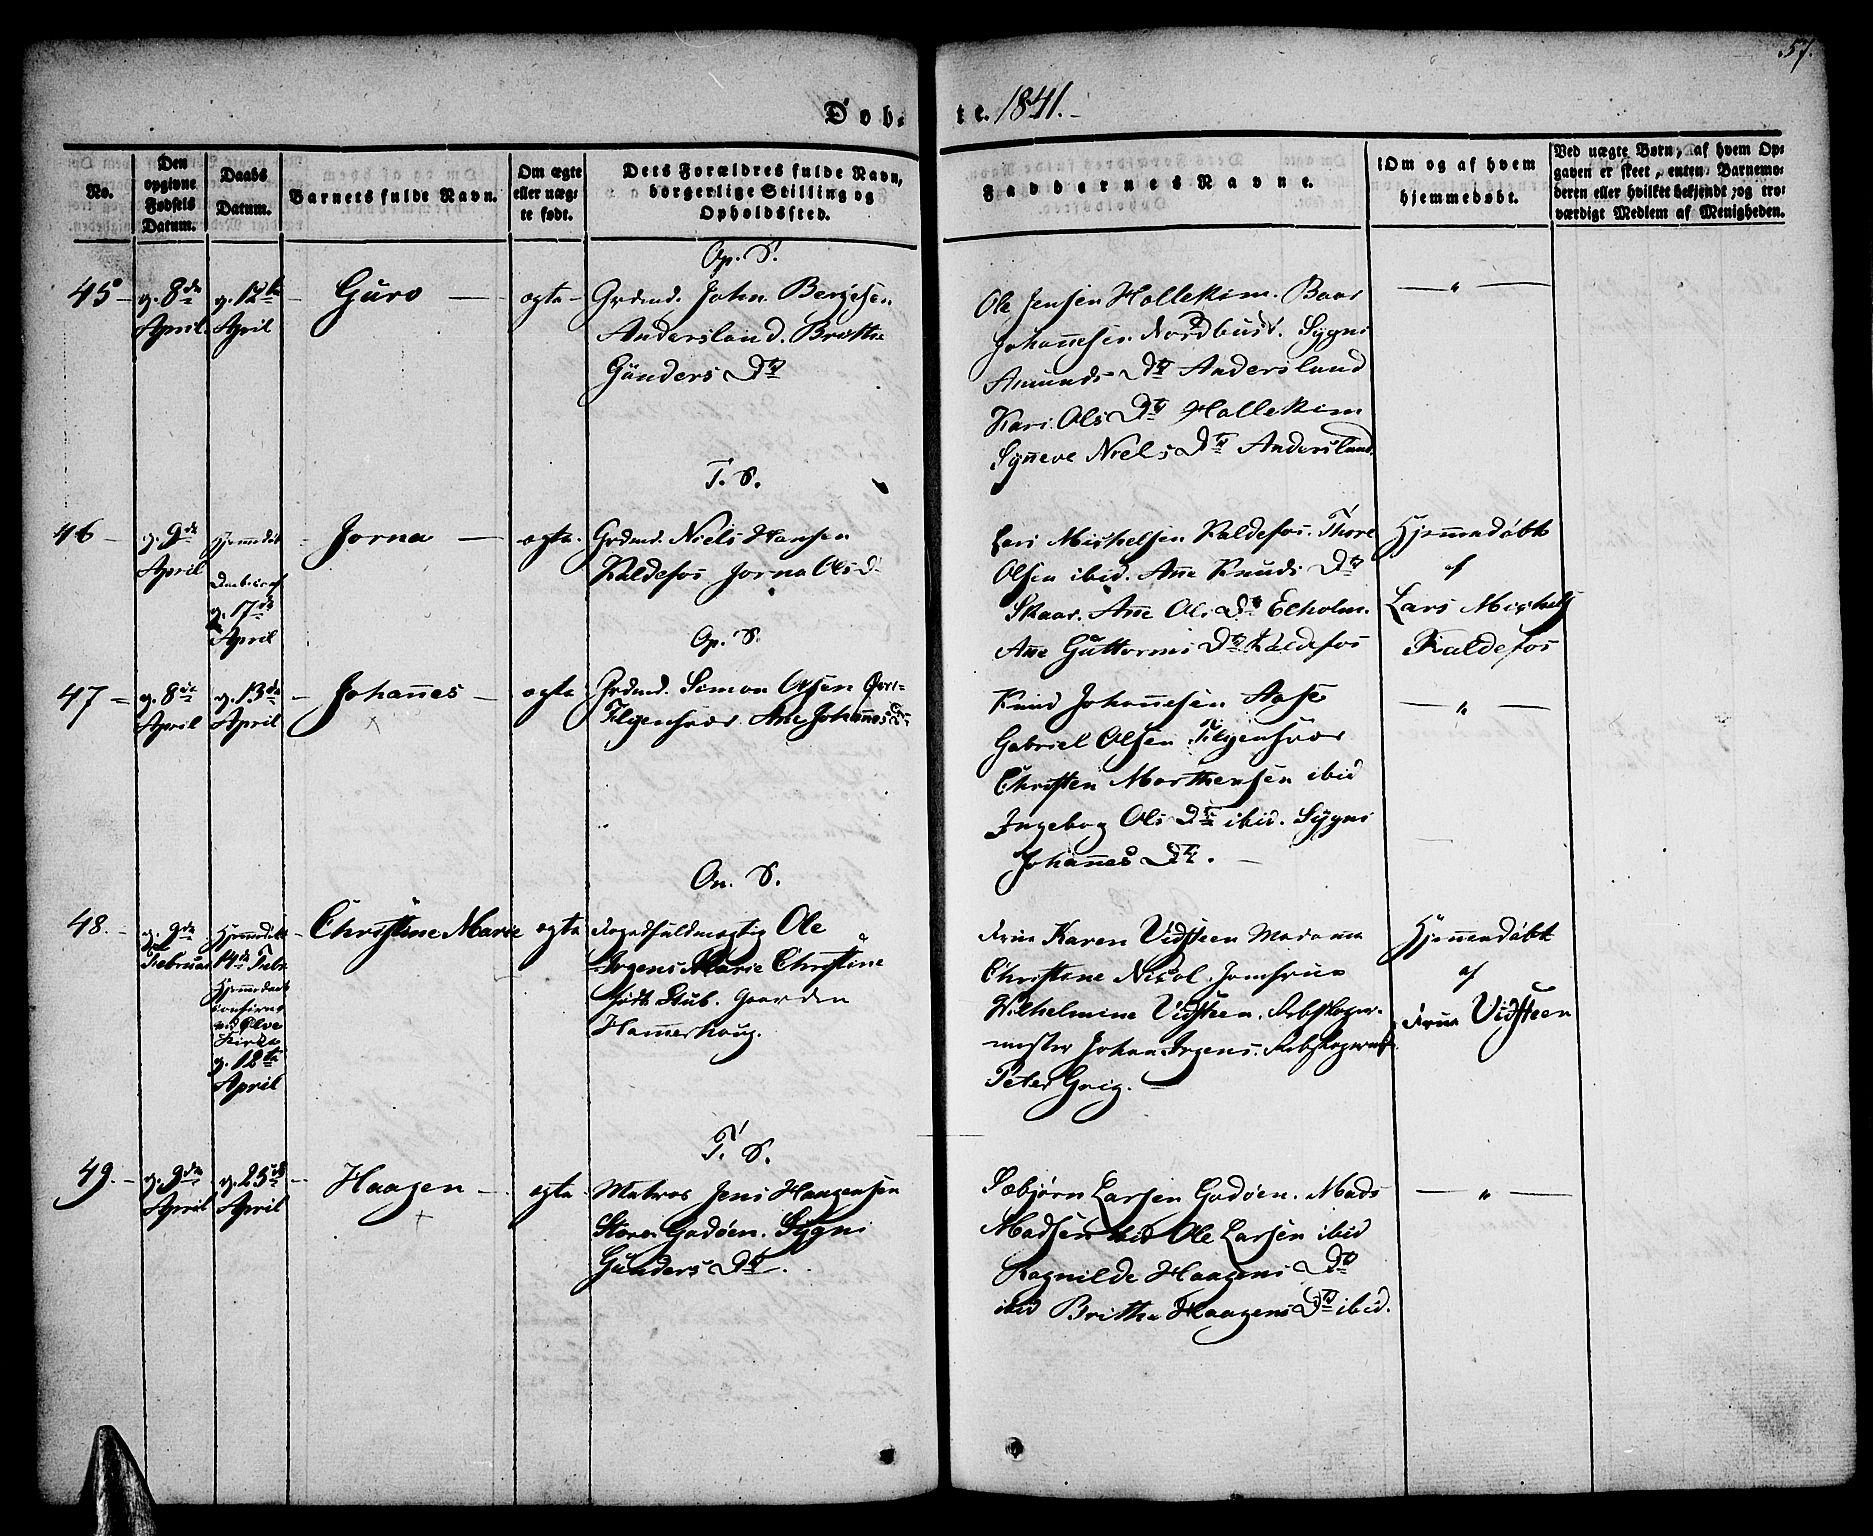 SAB, Tysnes sokneprestembete, H/Haa: Ministerialbok nr. A 9, 1837-1848, s. 57